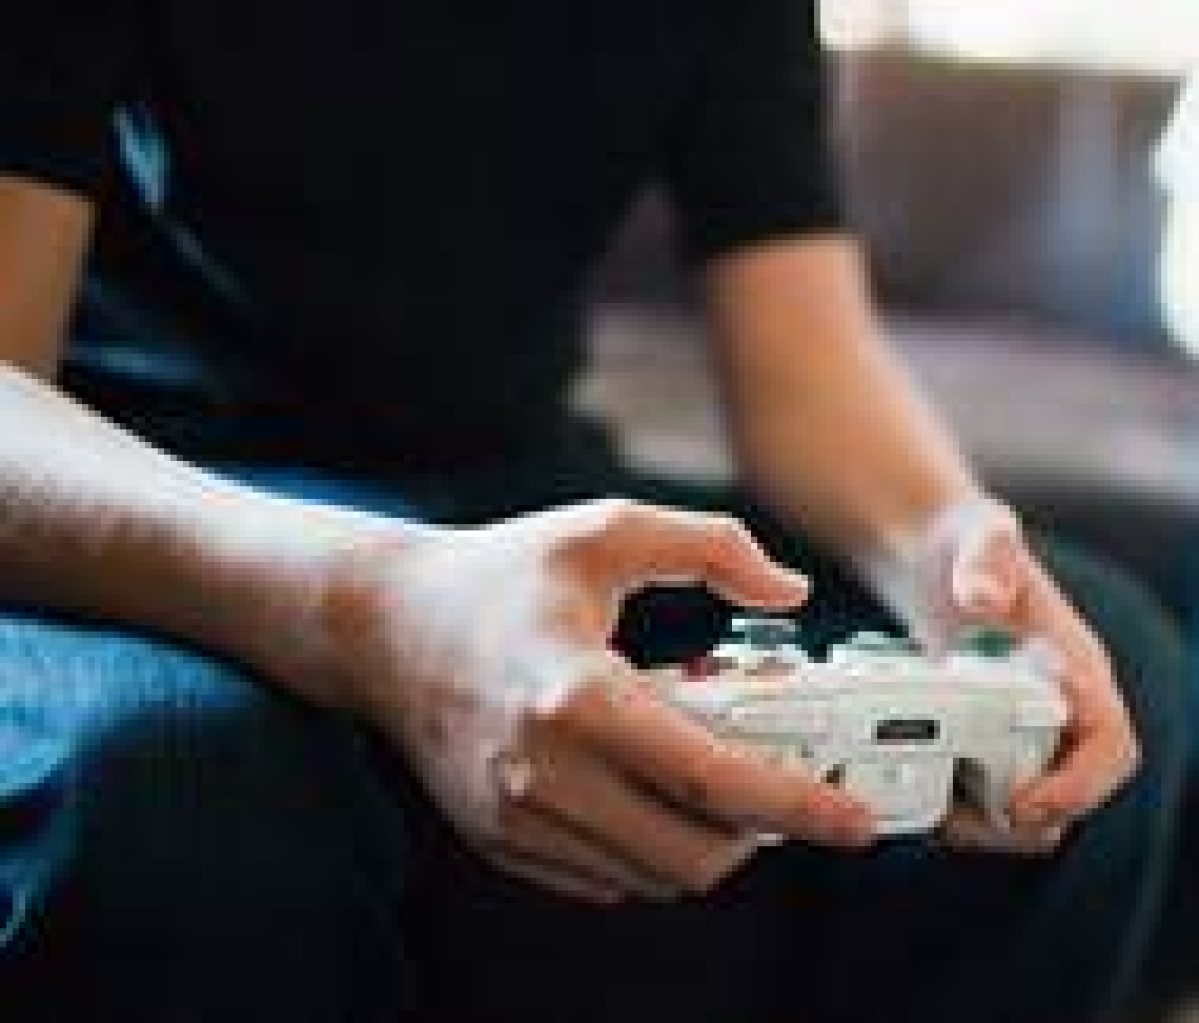 Sexist video games hamper empathy in men for women